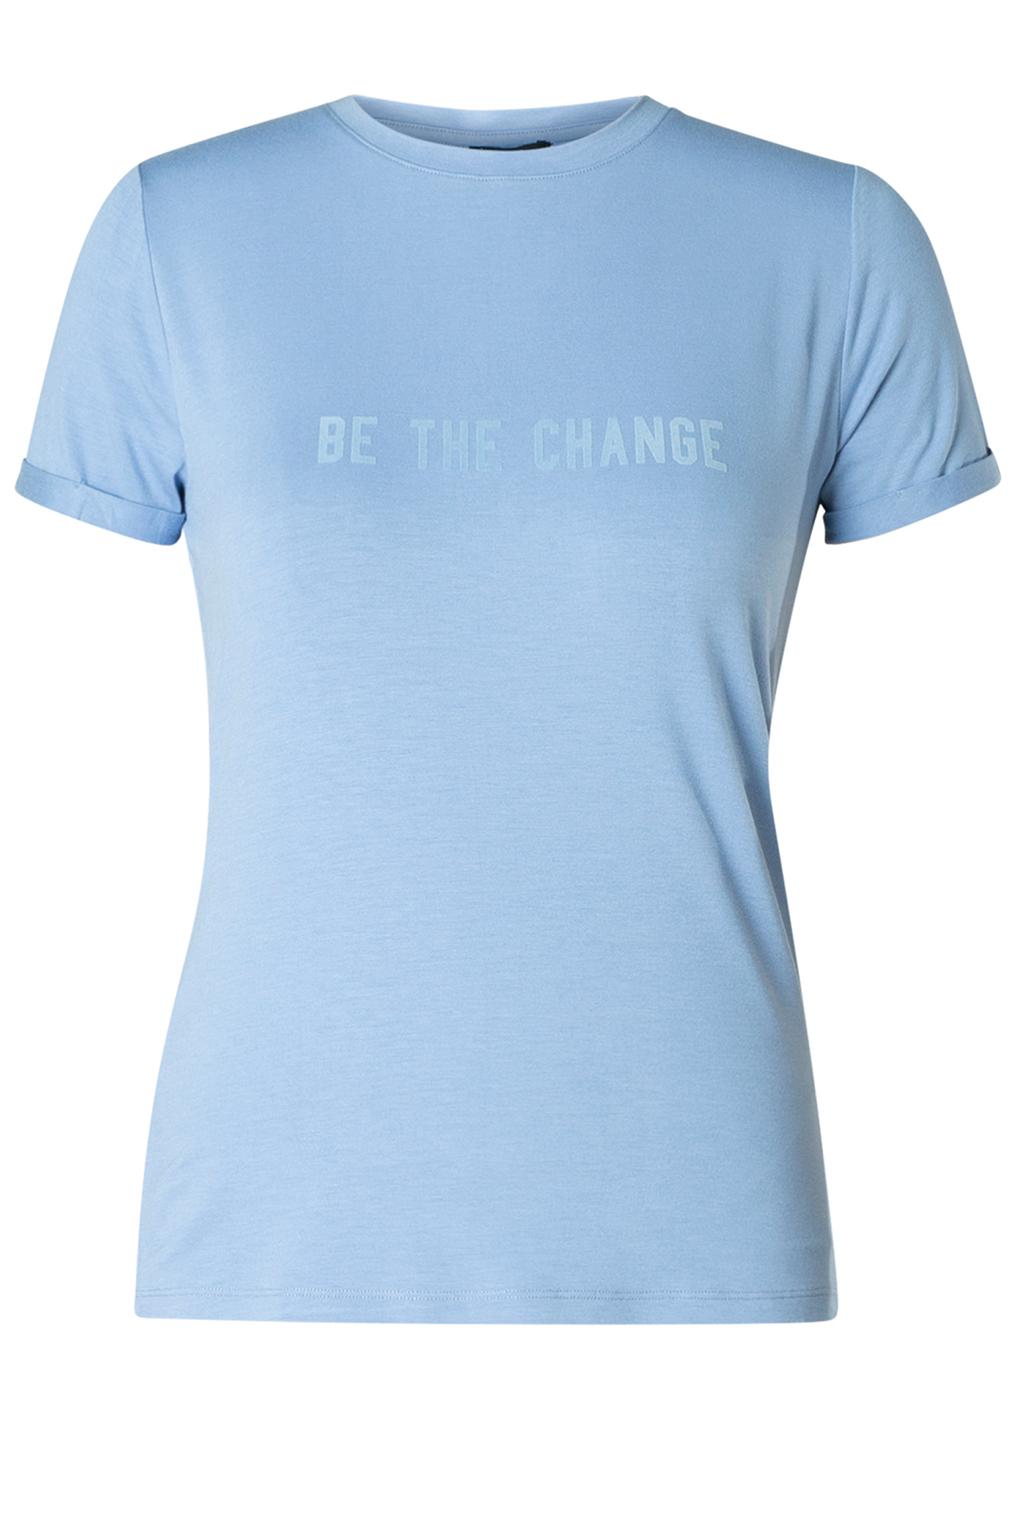 Shirt Voy Yesta